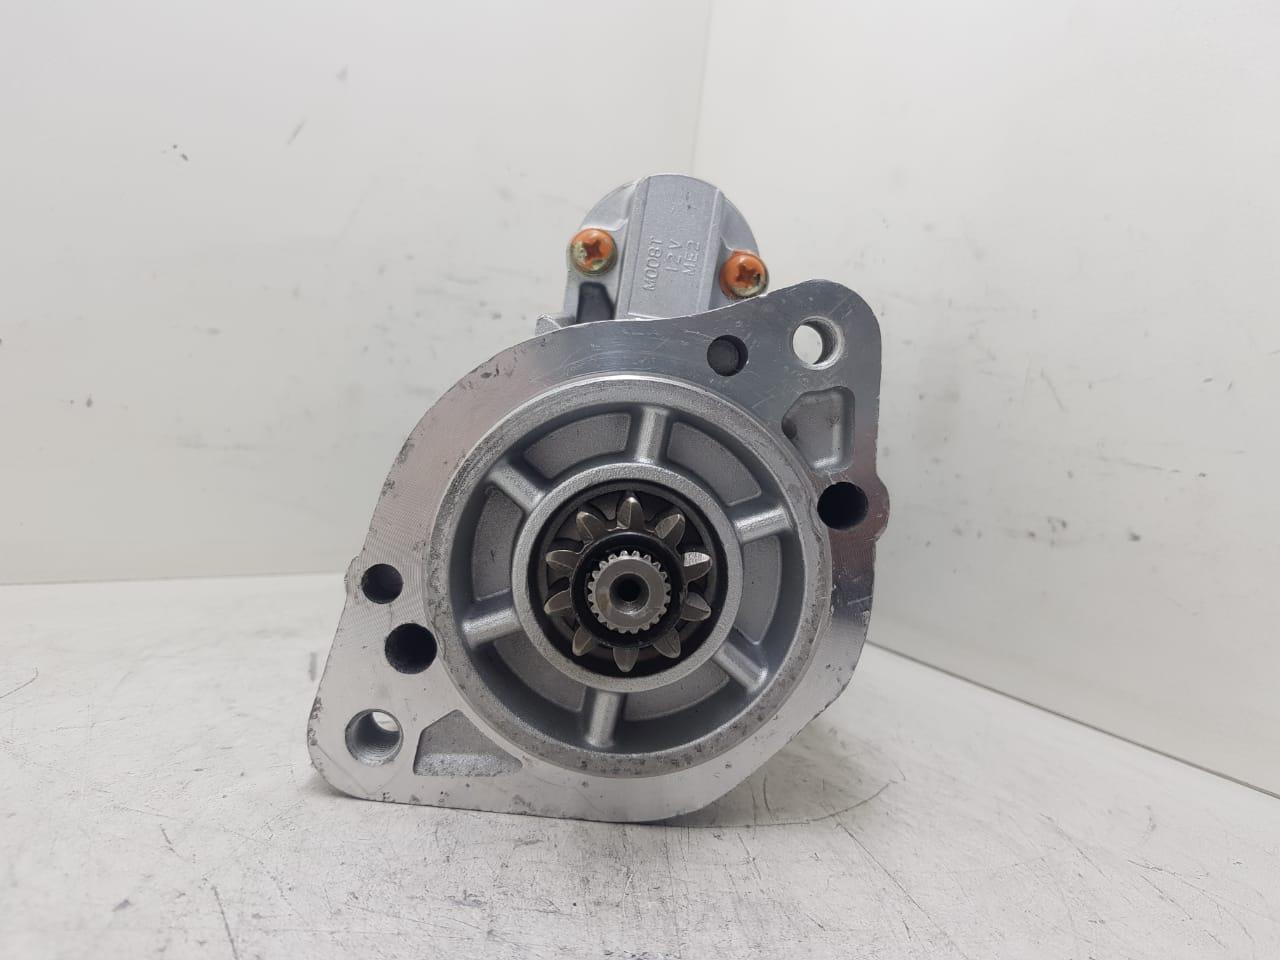 Motor De Arranque Mitsubishi Pajero 2.8 3.2 L200 Triton 3.2 F042001181 F042001181 M8T75071 M8T75071A M8T75073A M8T75073 ME201650 ME202424 ME202970 ME204424 ME204425